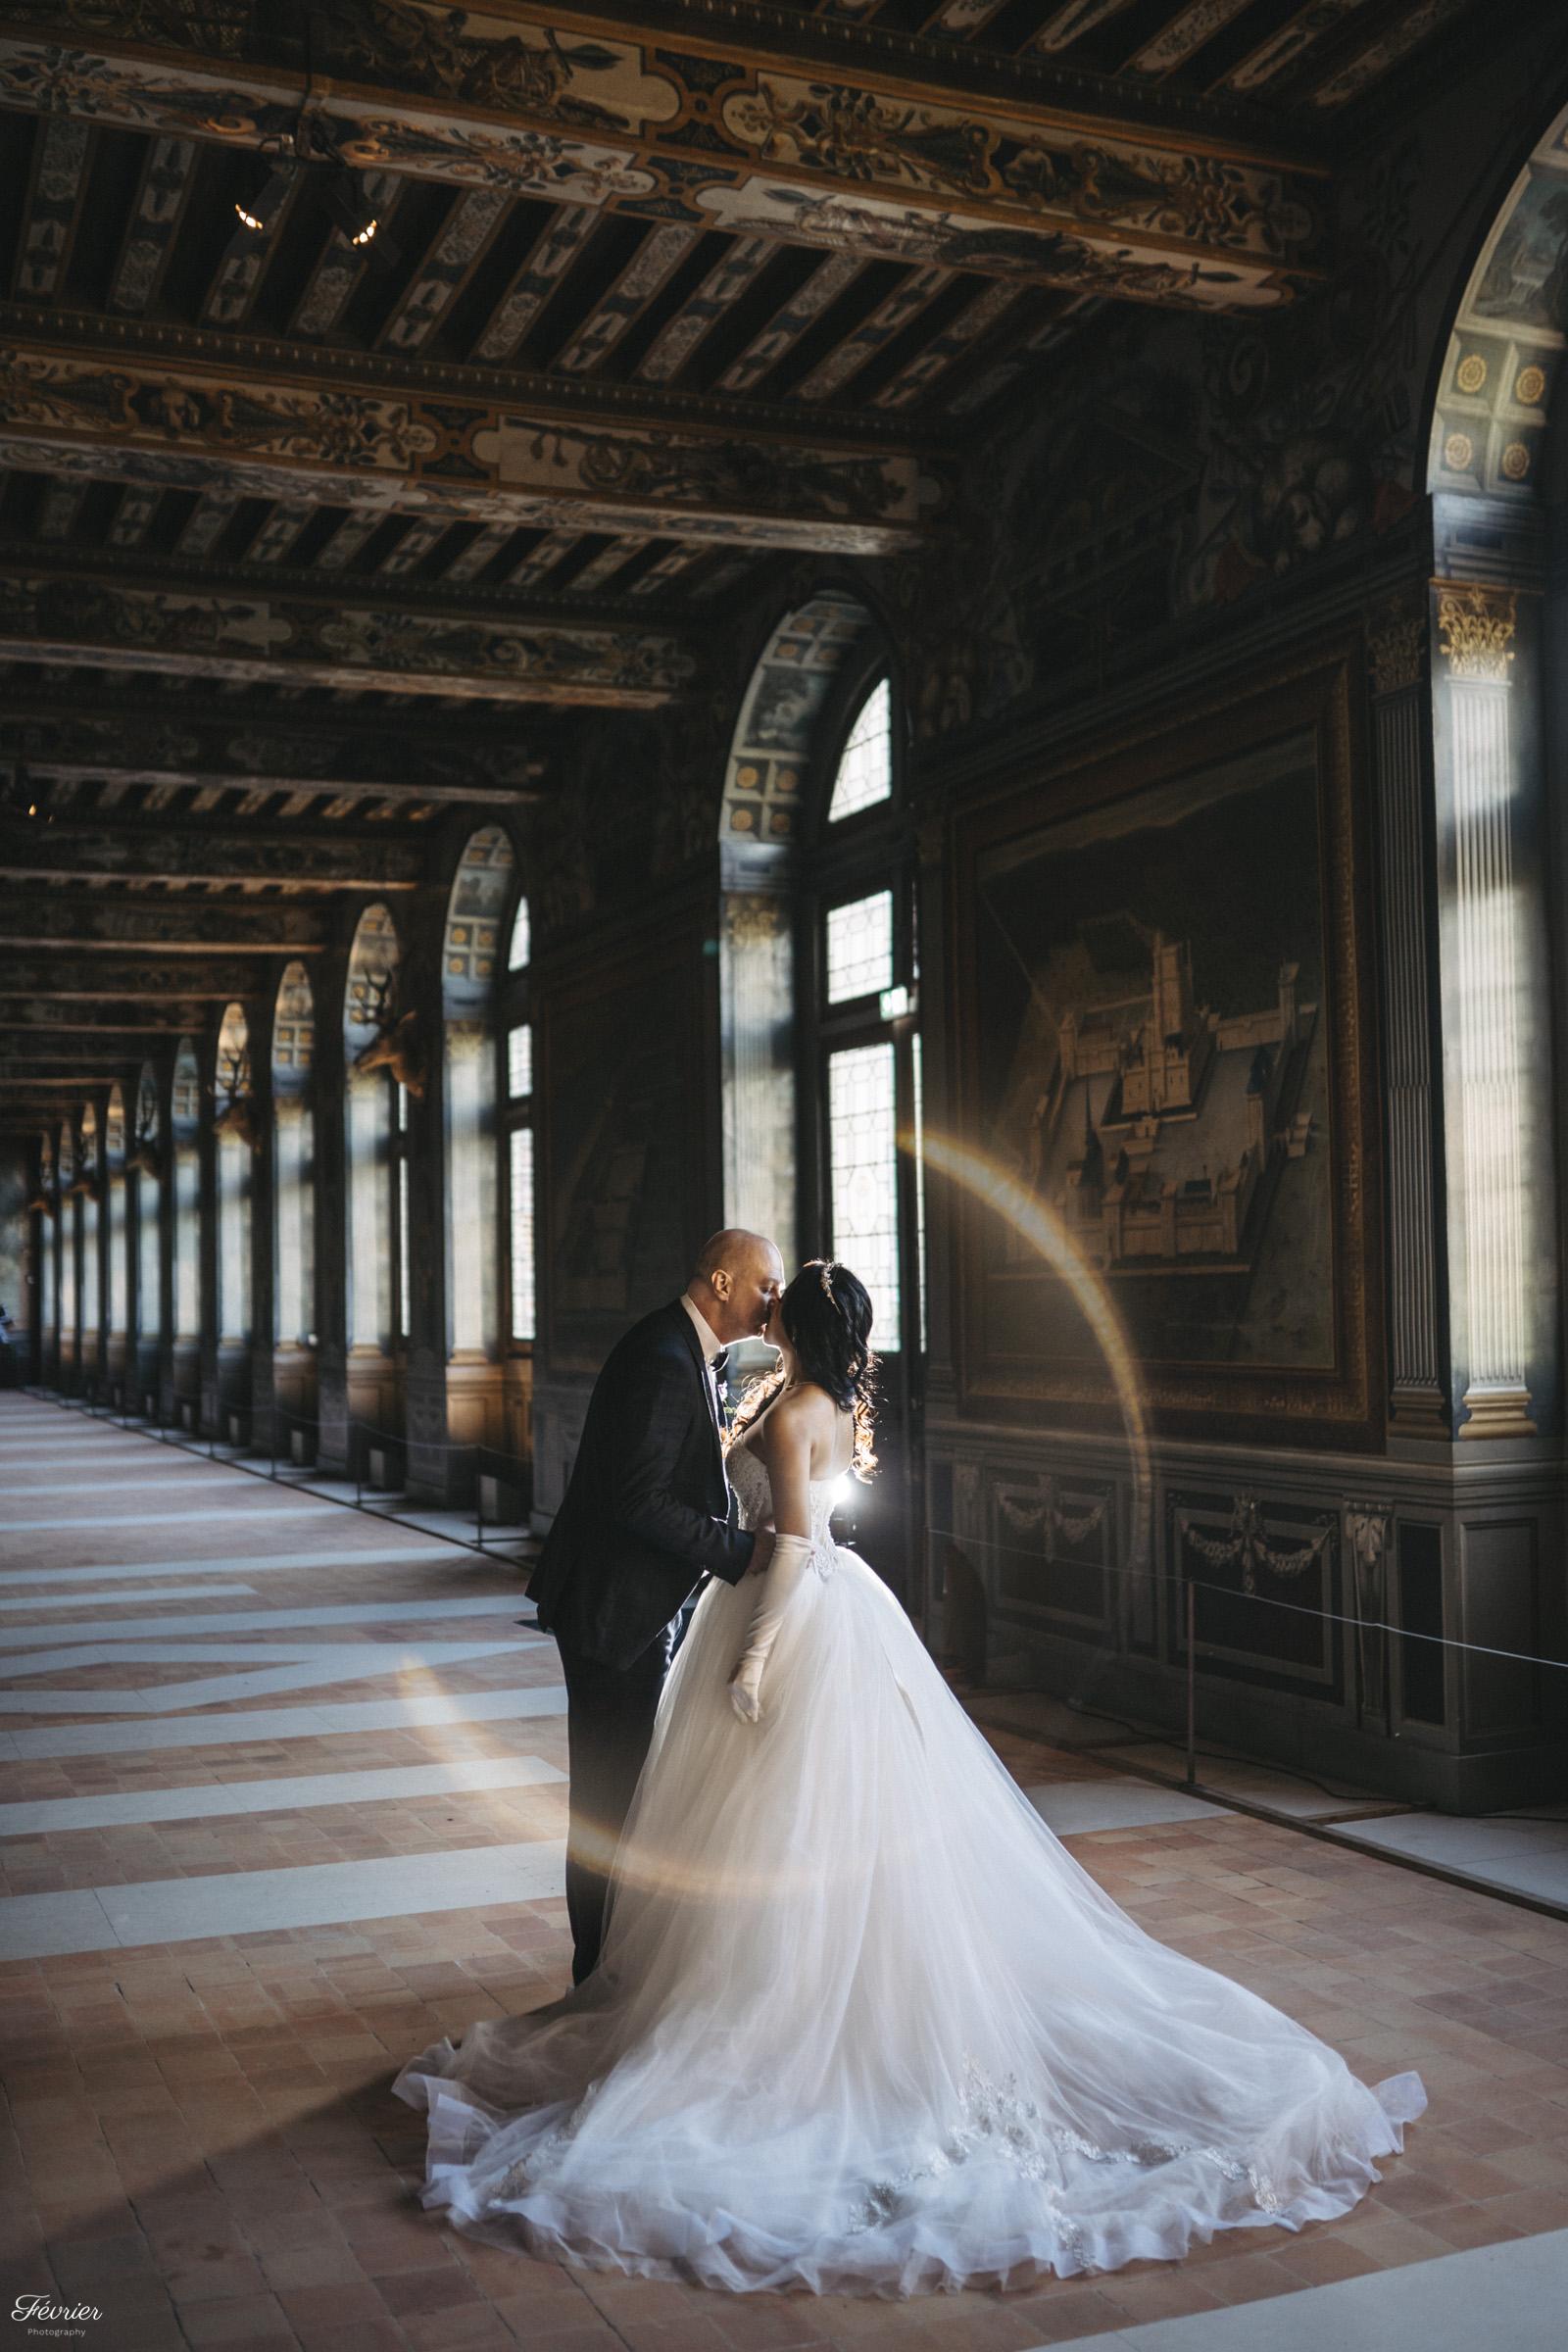 pre-wedding-hk-couple-kiss-in-chateau-de-fontainebleau-paris